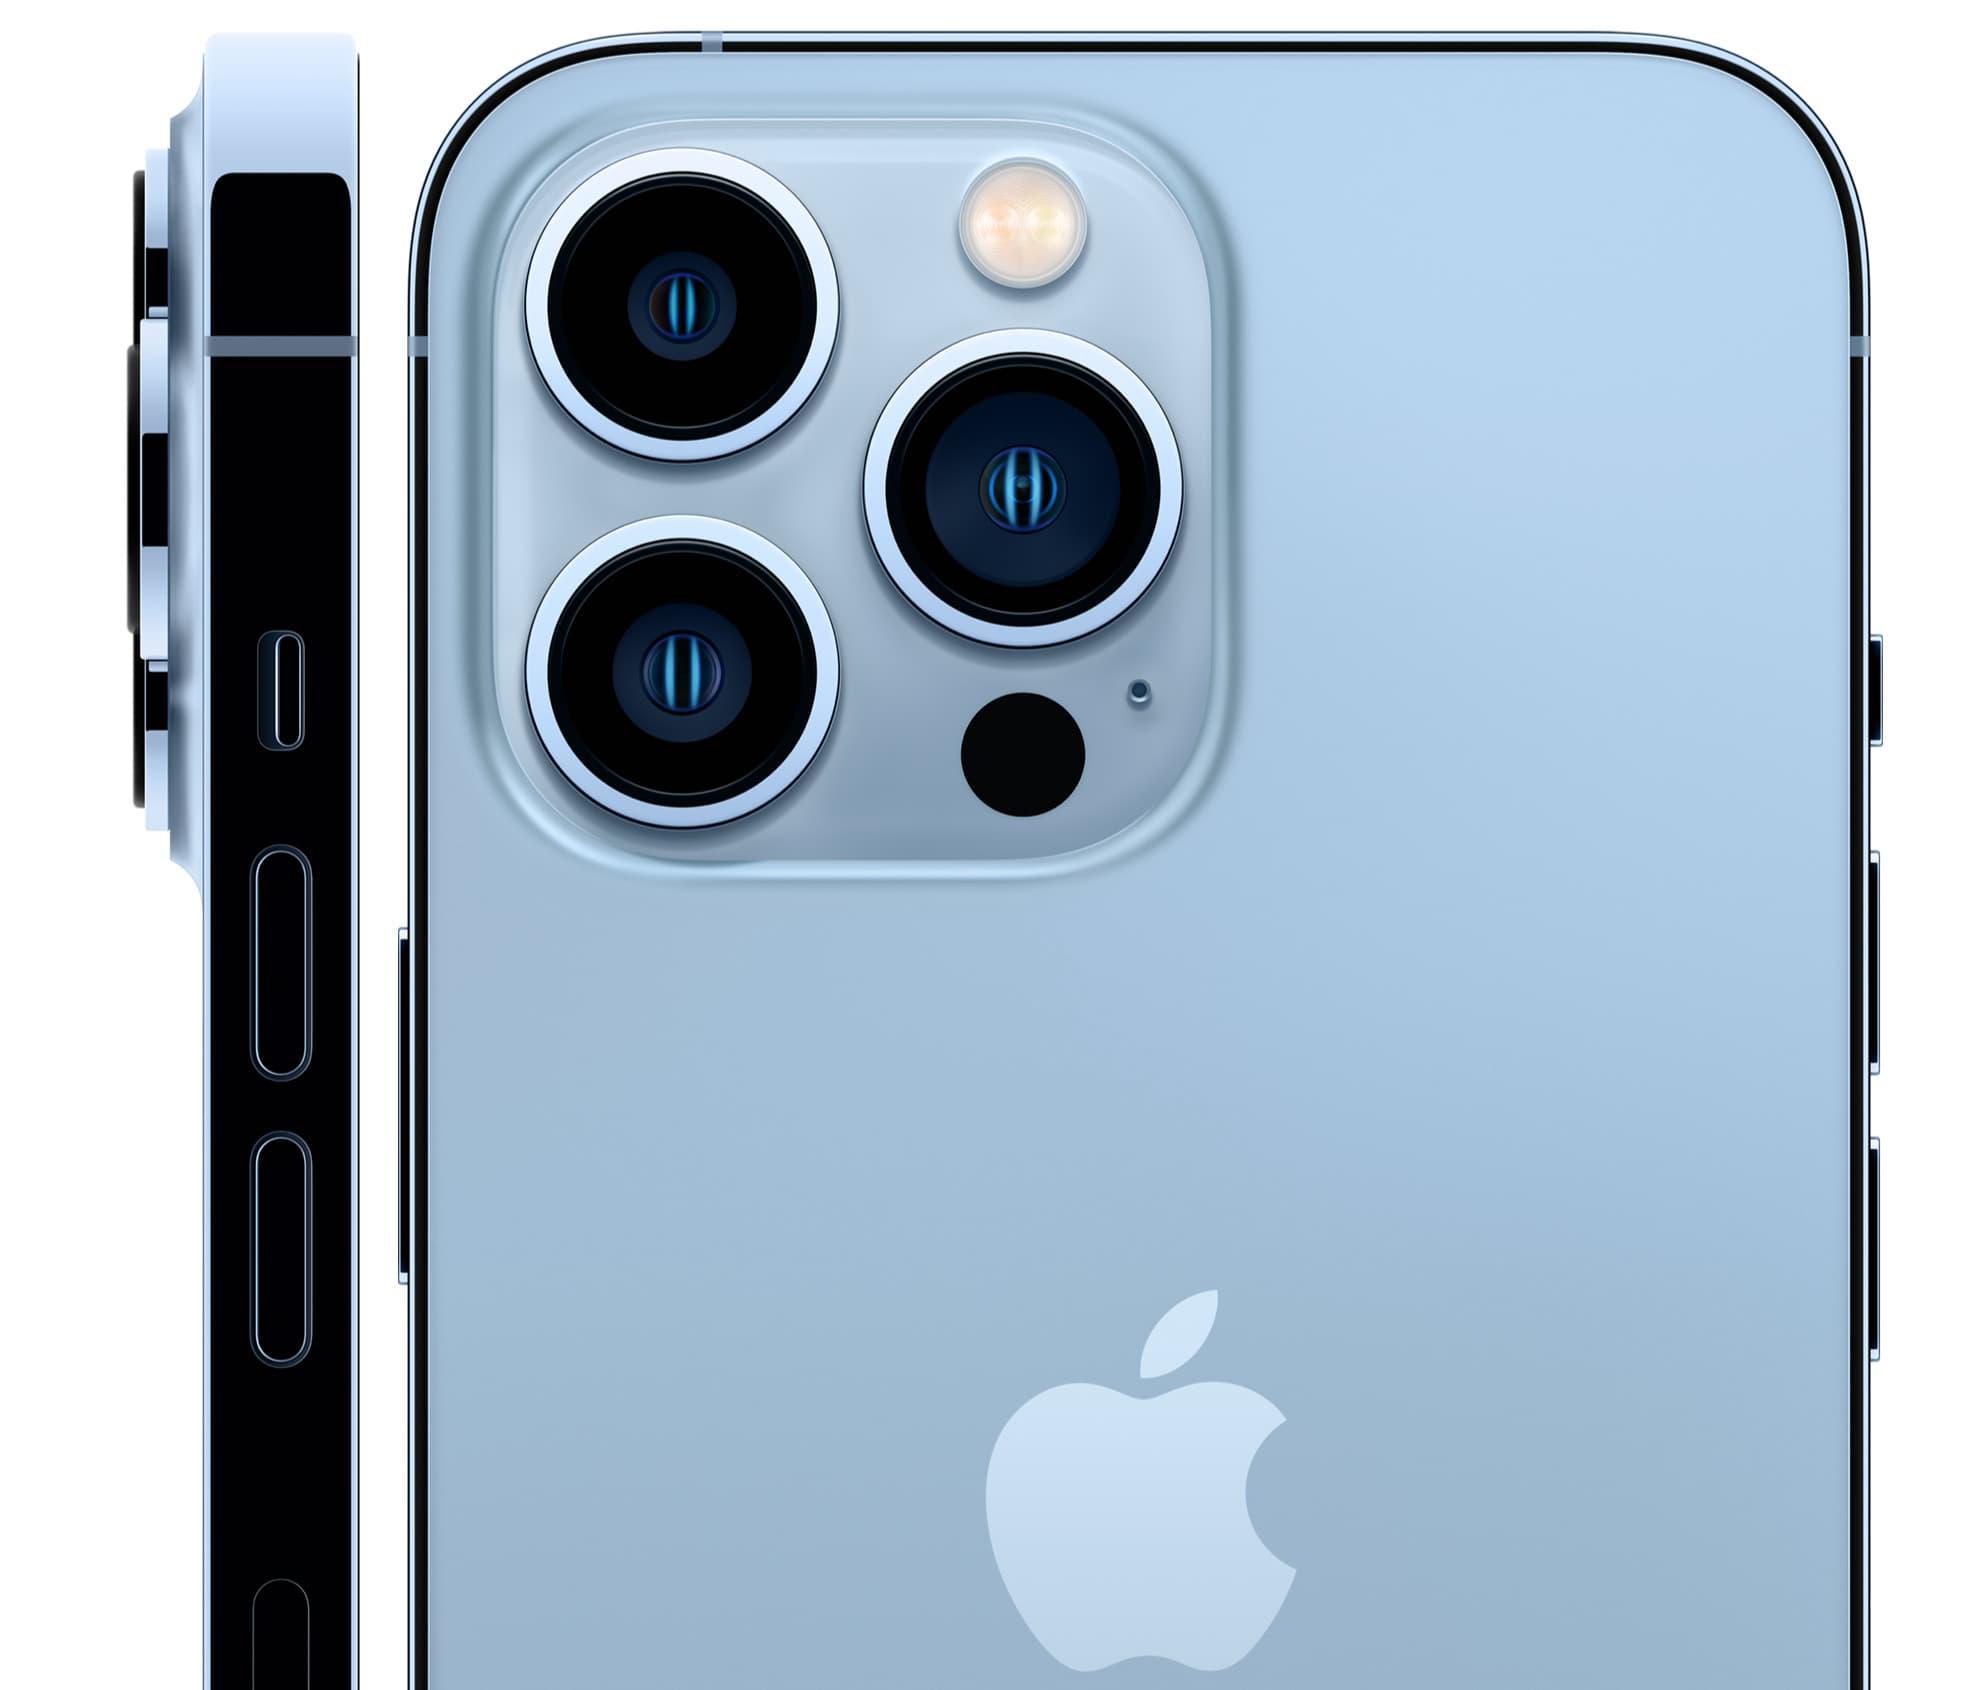 蘋果 iPhone 13 系列有哪些特色?15個亮點功能總整理7